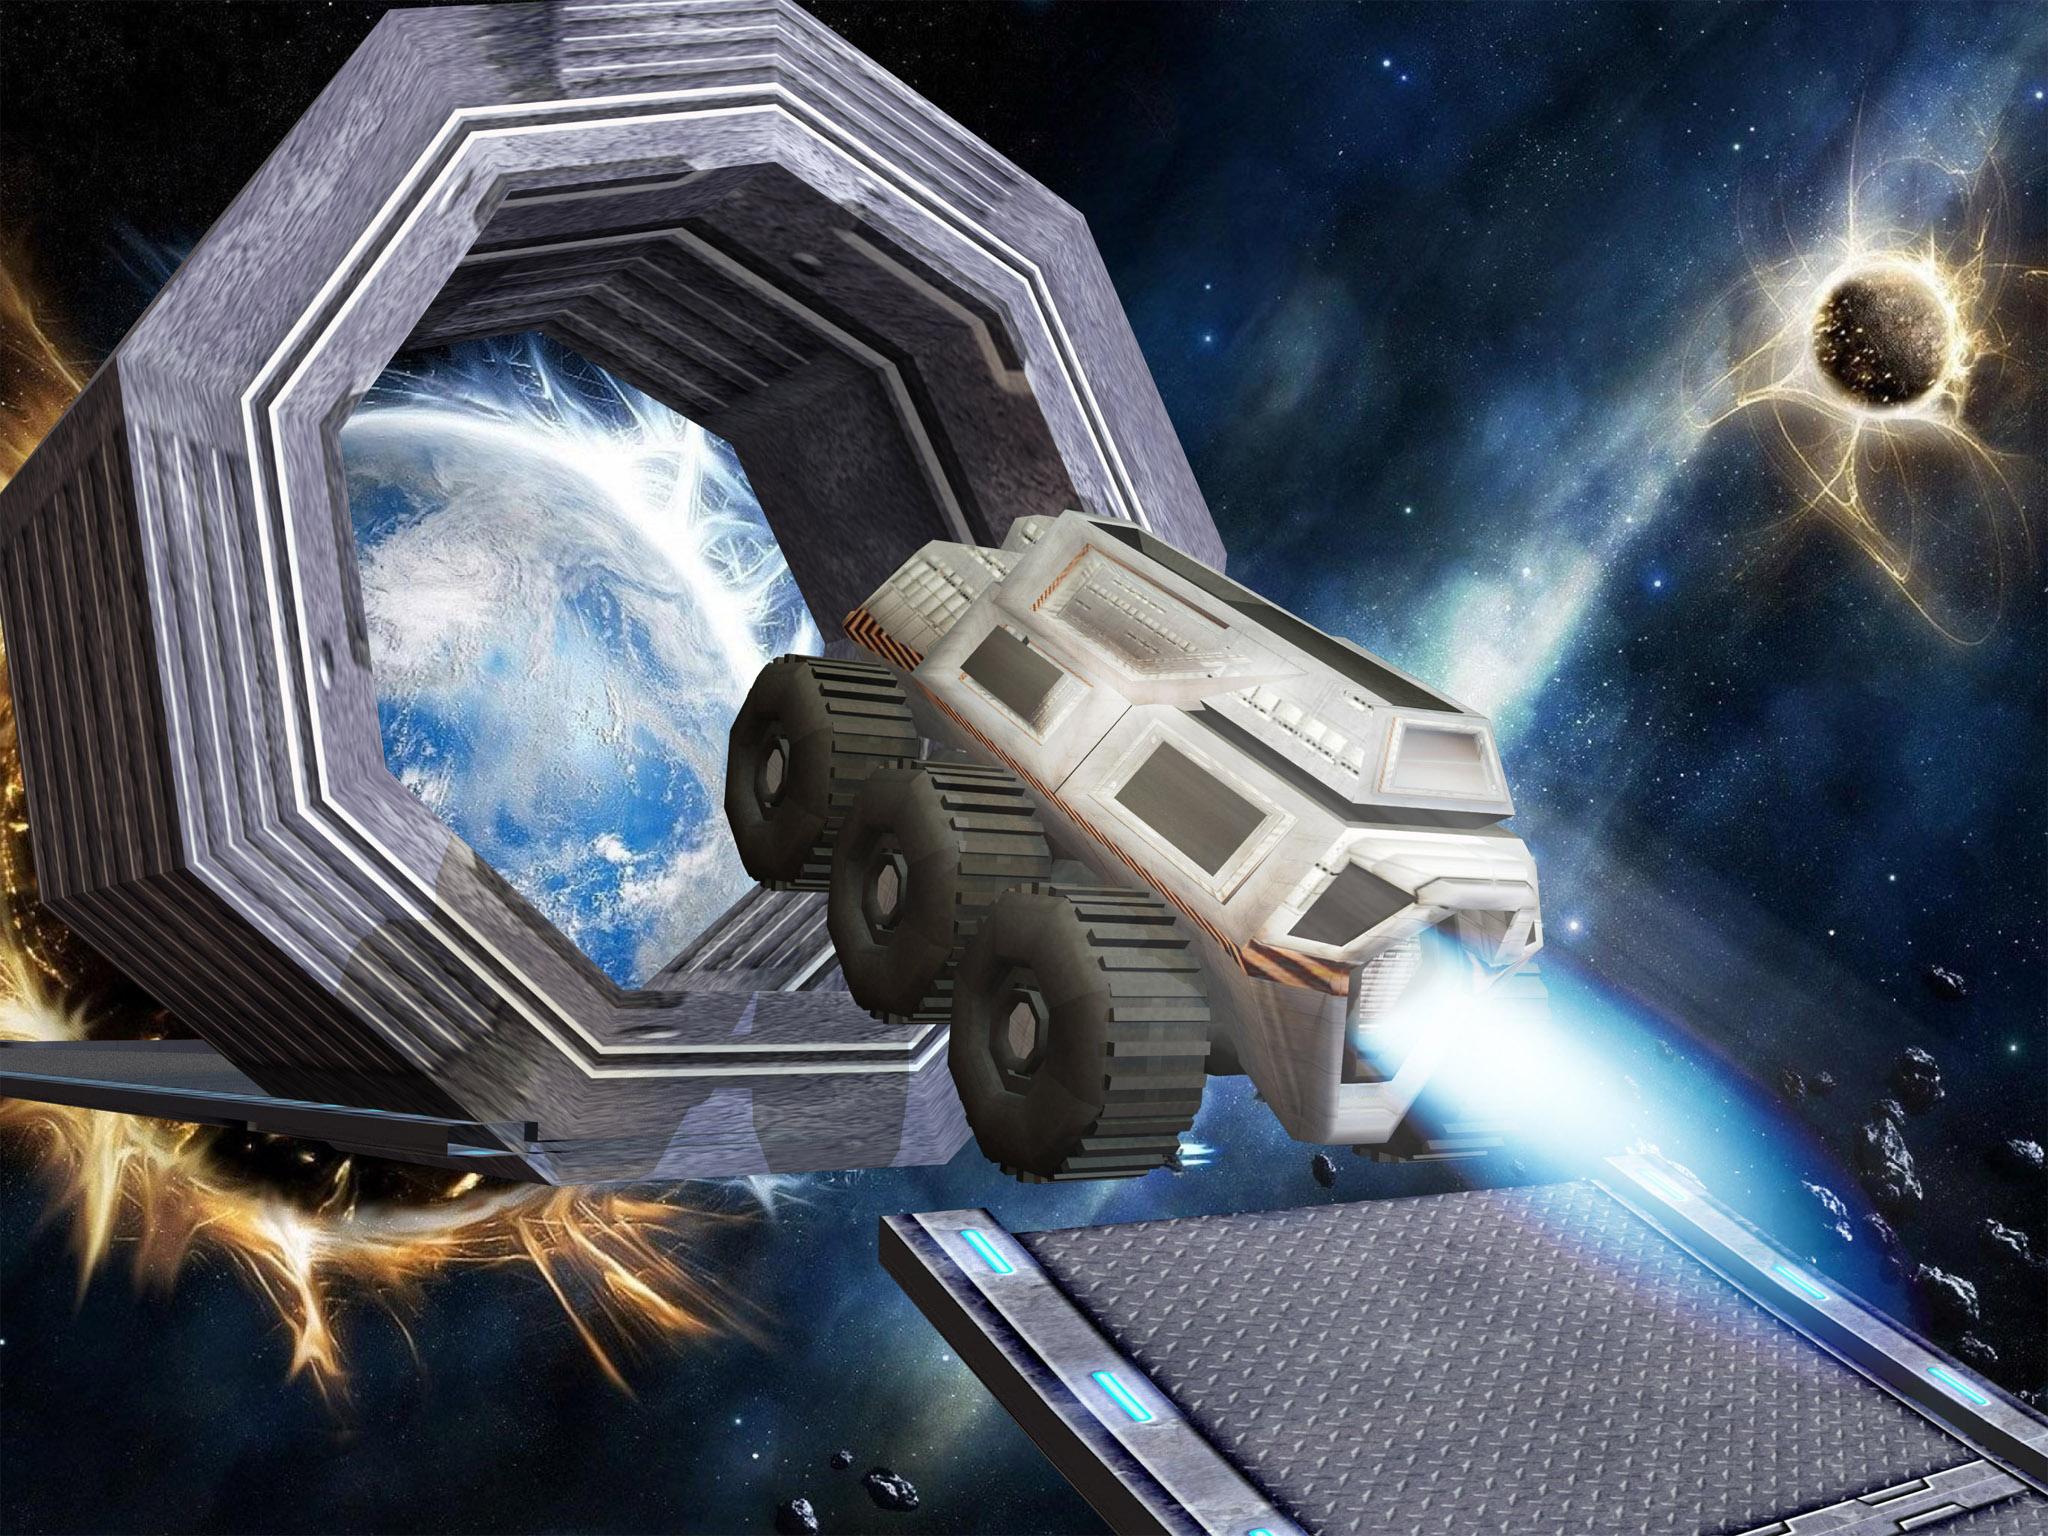 Jet Car Stunt Zone in space 3D